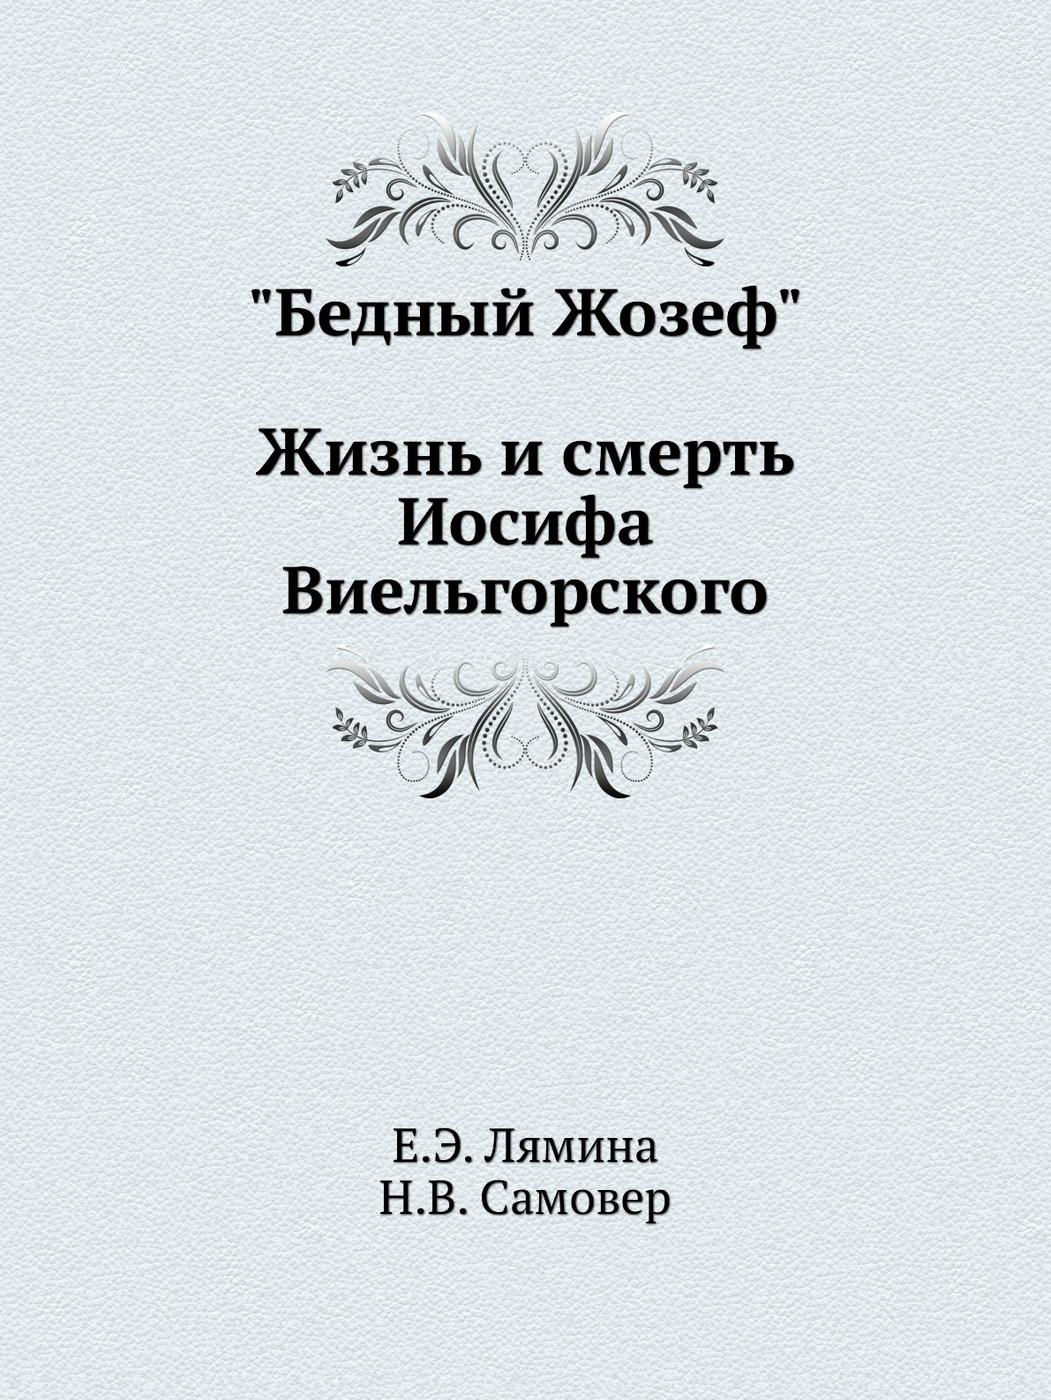 """Е.Э. Лямина, Н.В. Самовер """"Бедный Жозеф"""": Жизнь и смерть Иосифа Виельгорского"""